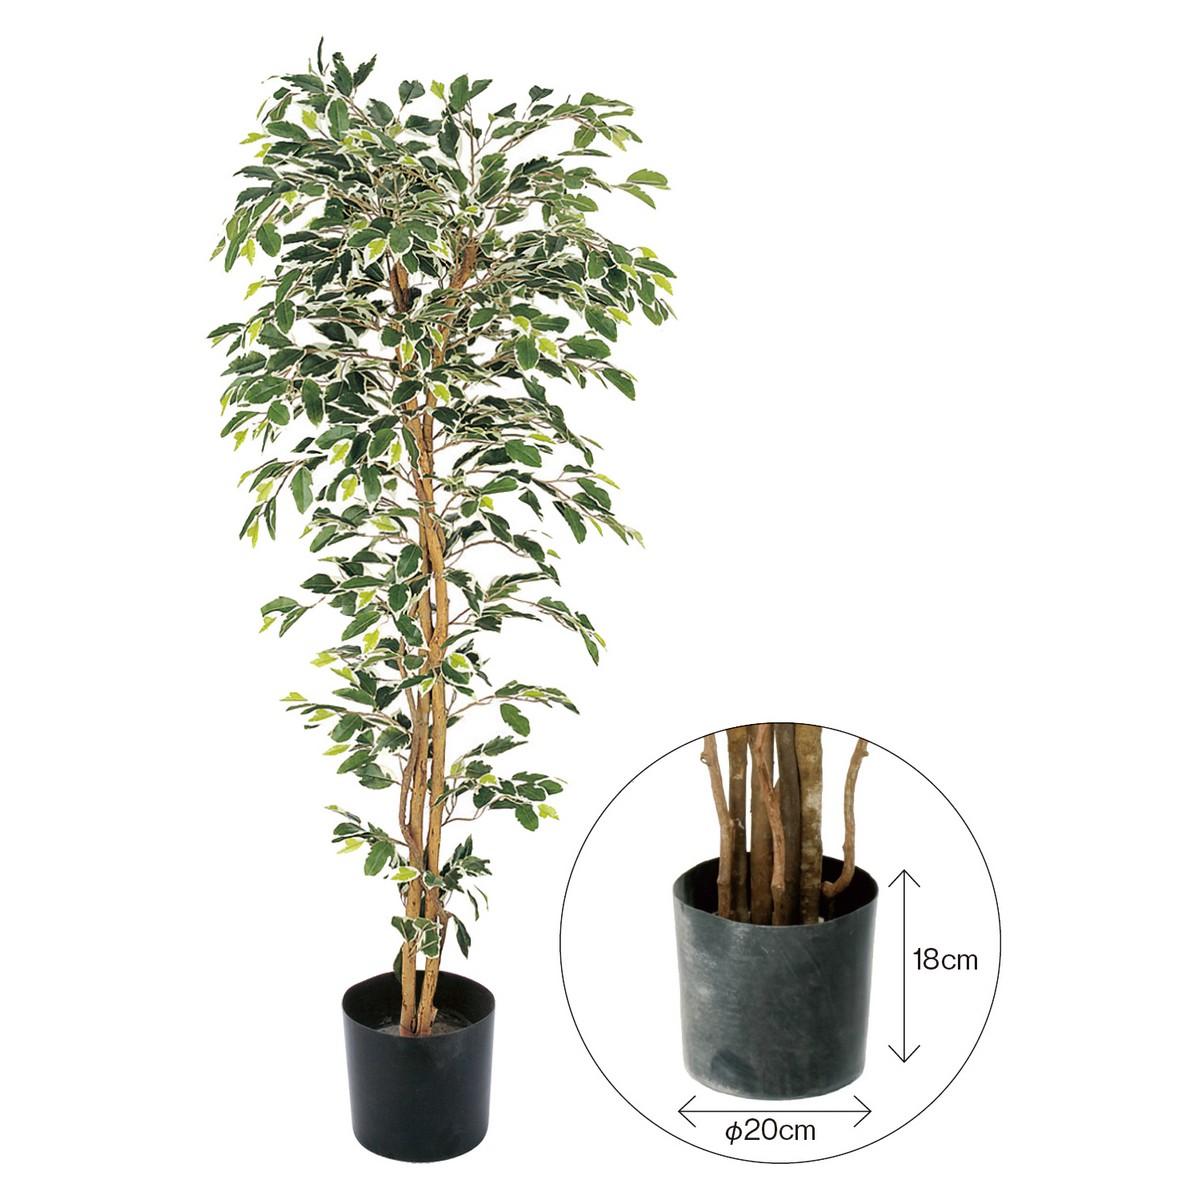 【直送】【人工観葉植物】YDM/ベンジャミンフィカスハワイアン 150cm 樹木のみ※ポットなし/GLP1320※返品・代引不可【01】